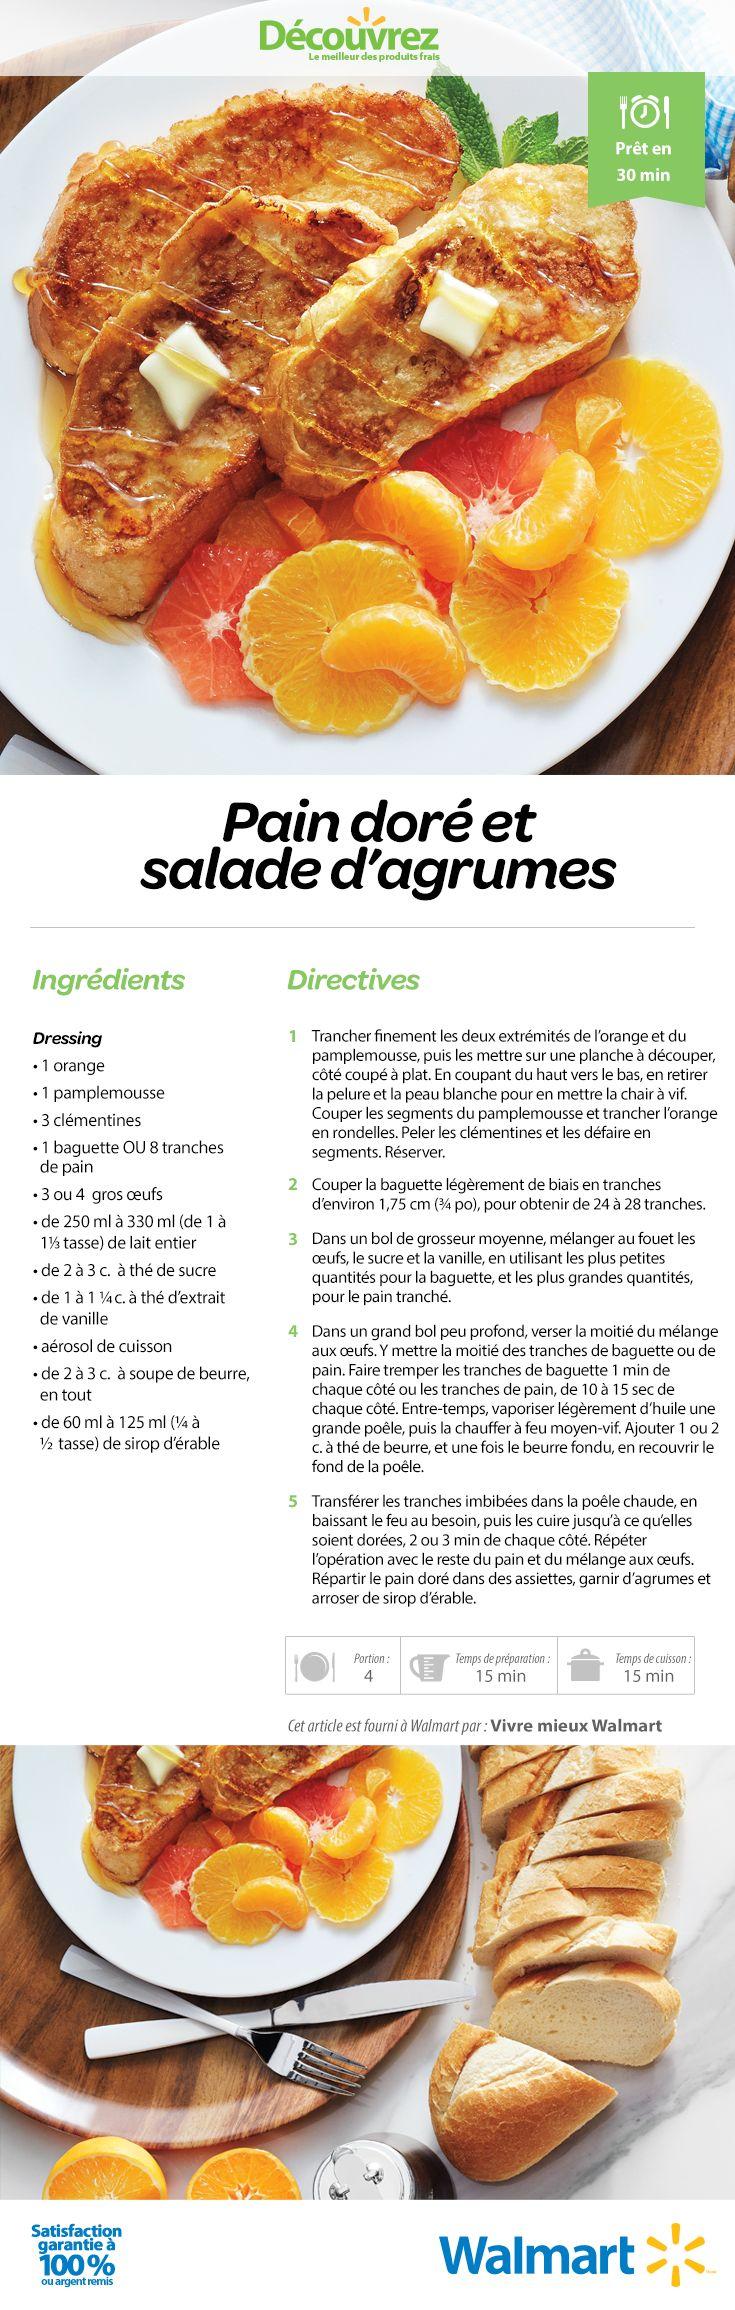 Une recette de brunch classique… réinventée : servir avec une salade d'agrumes juteux! #RecettesDeBrunch #PainDoré #recettes #RecettesDeDéjeuner #SaladeDagrumes